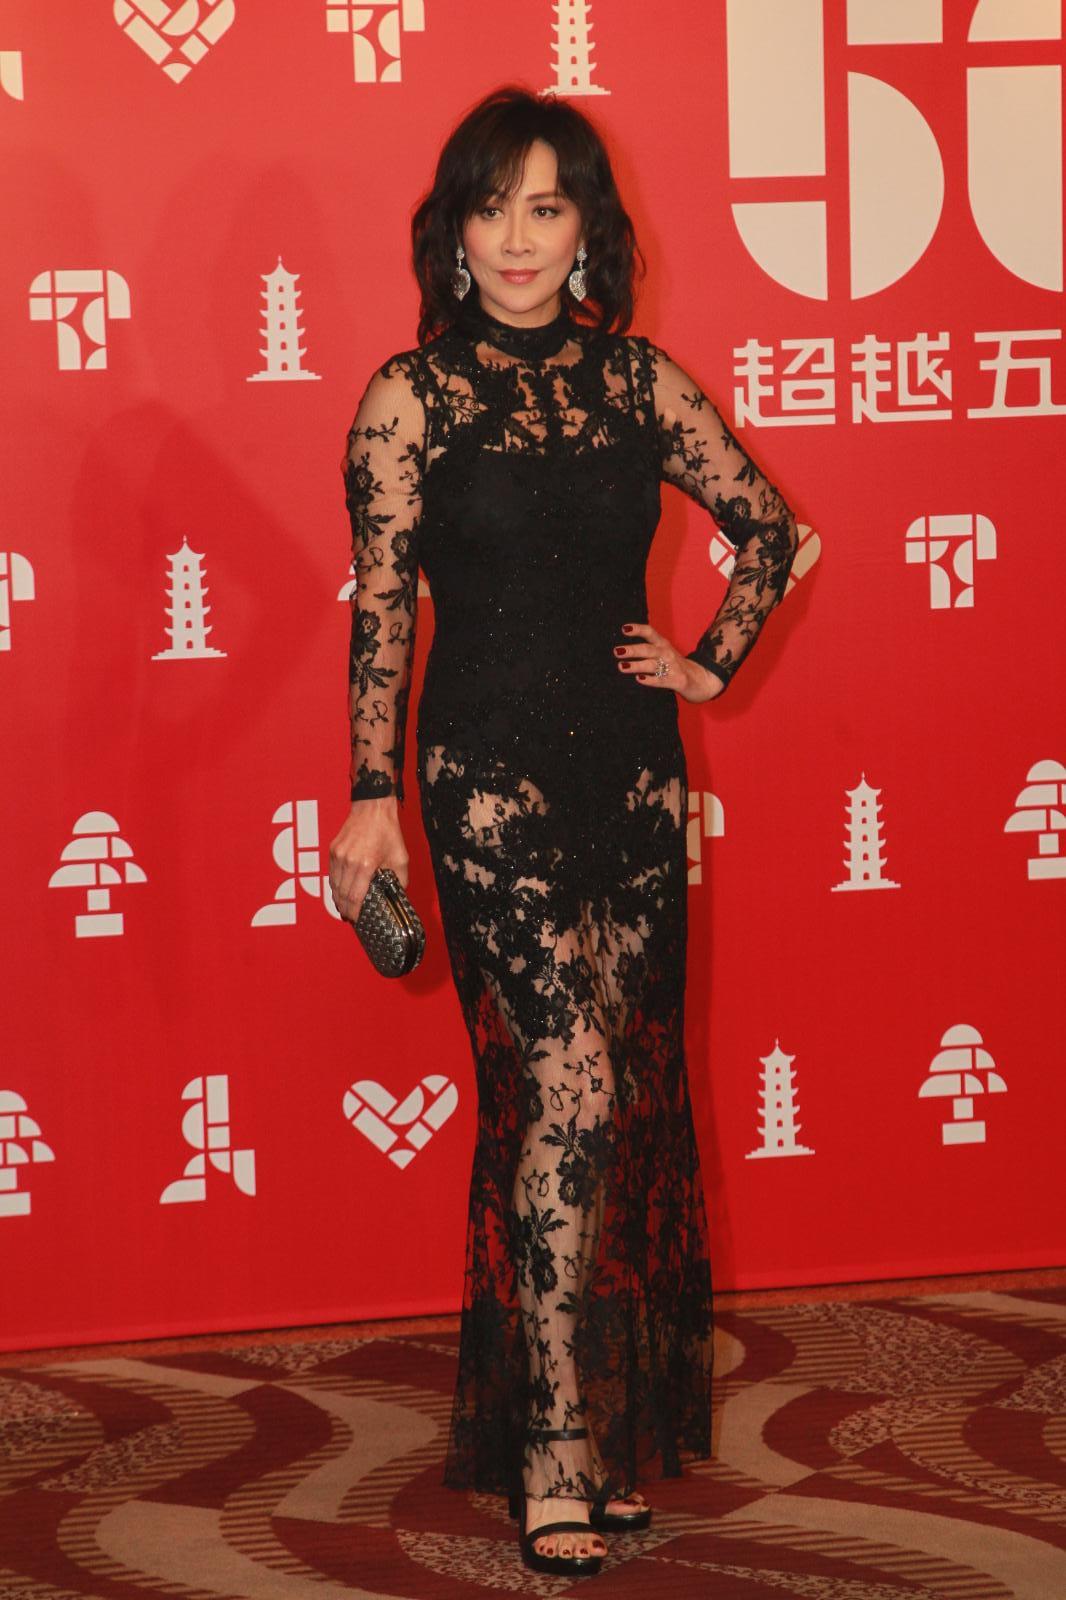 劉嘉玲身穿黑色喱士長裙亮相。